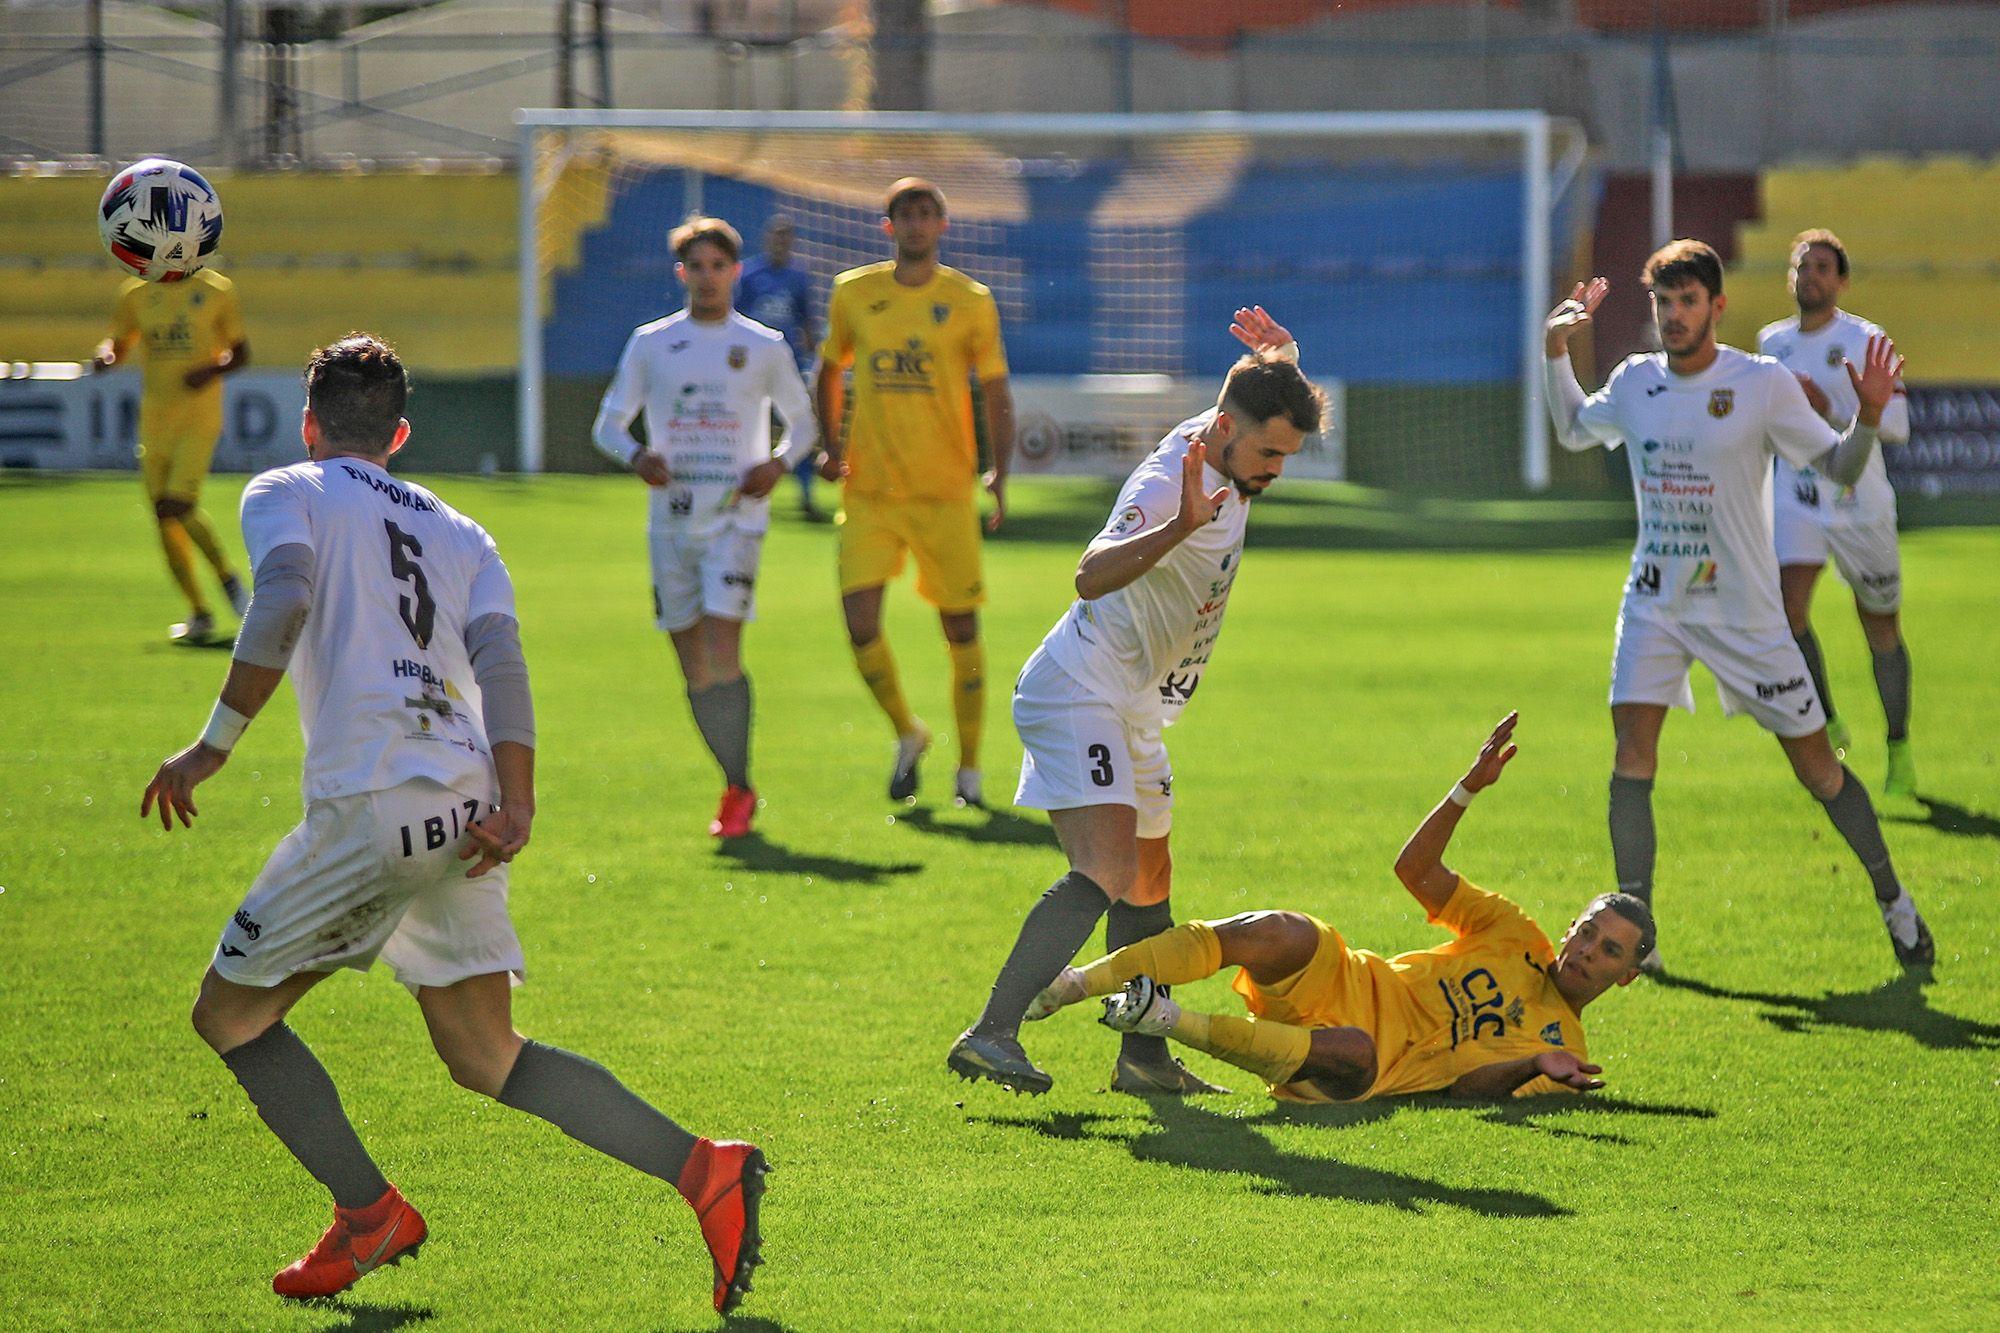 El Orihuela vence al Peña Deportiva y se sitúa tercero